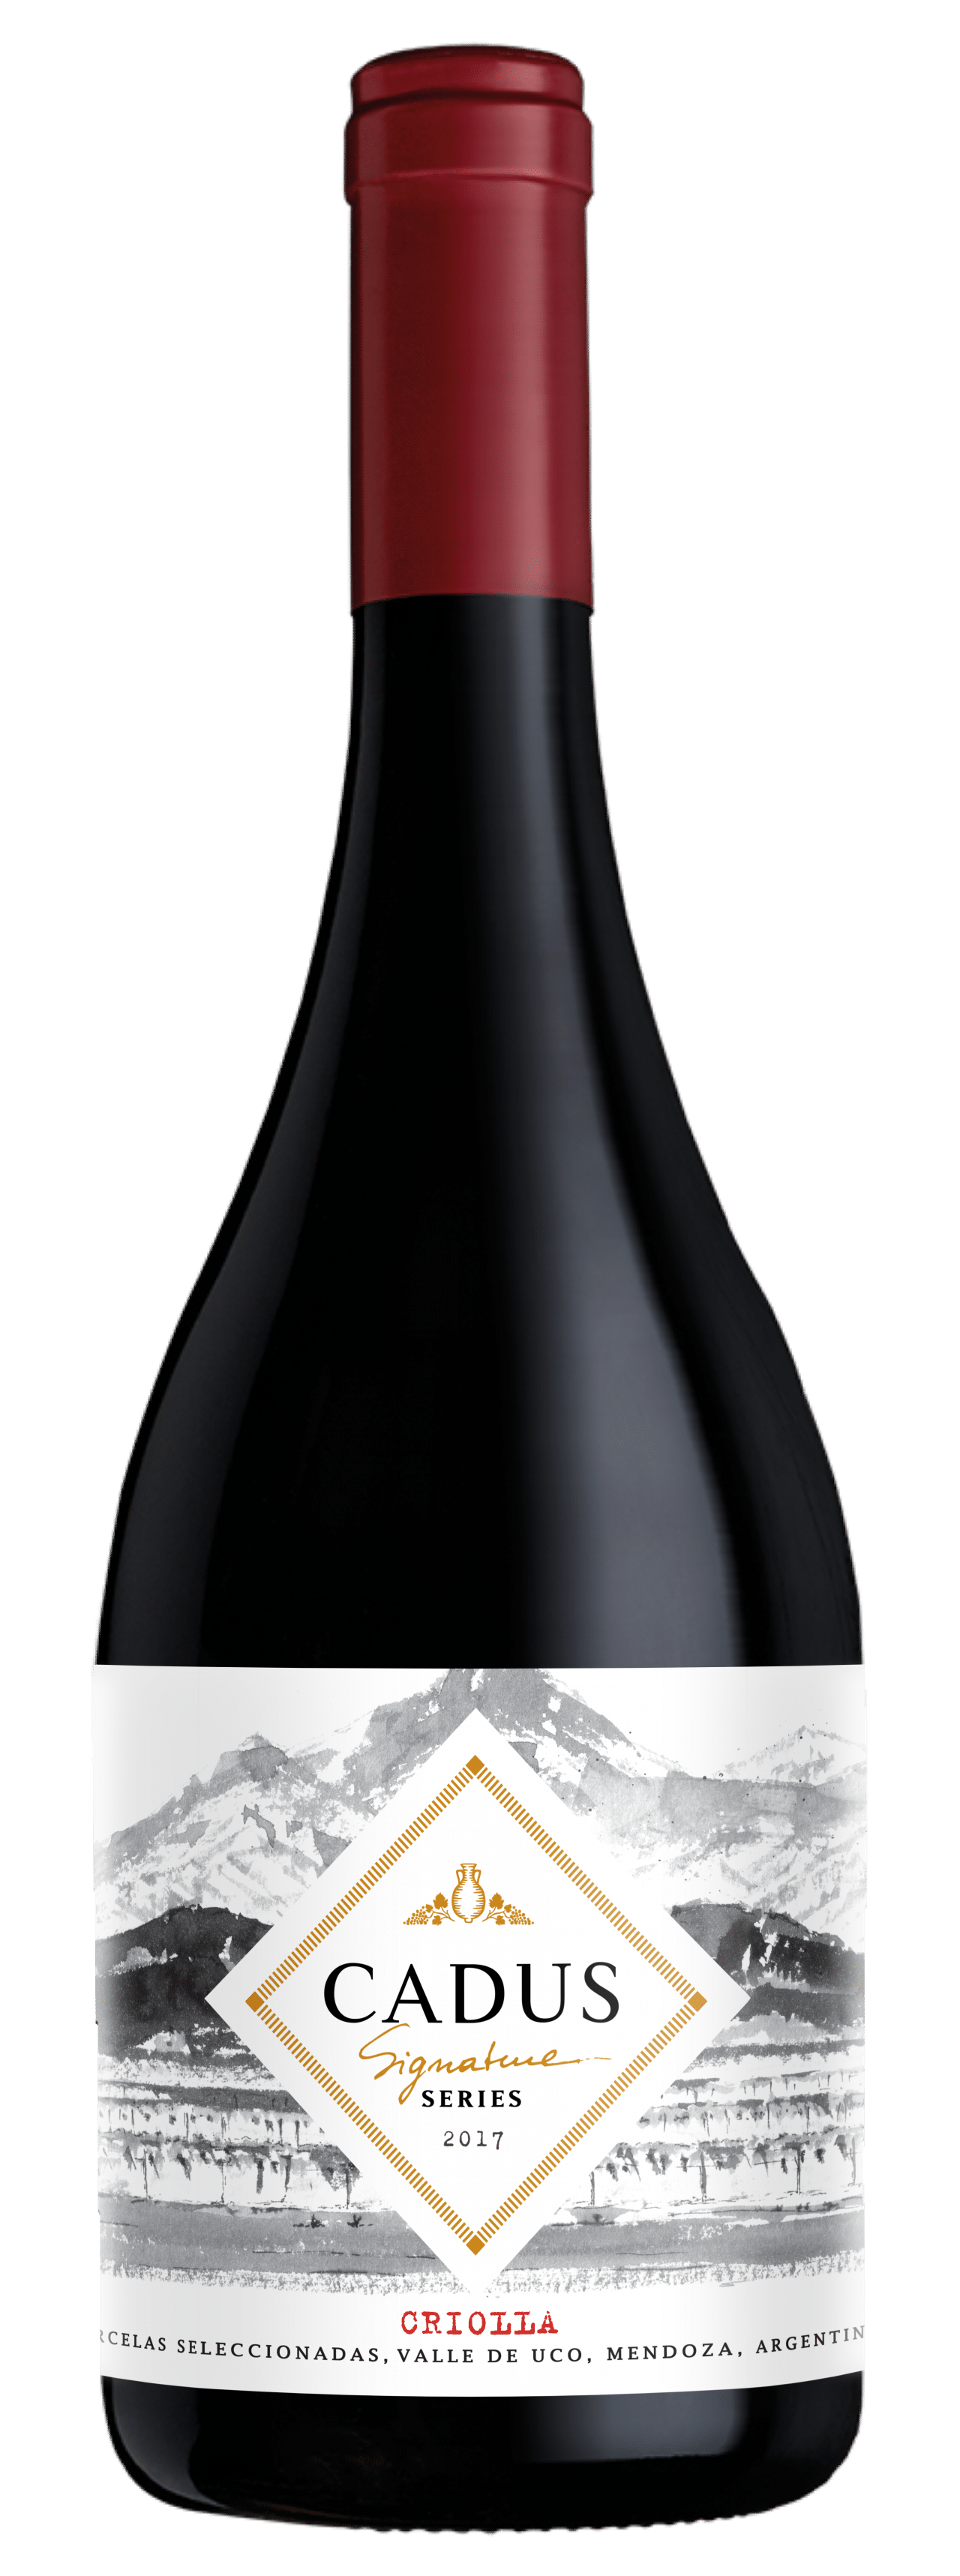 Cadus Wines presenta una nueva línea de vinos: Cadus Signature Series